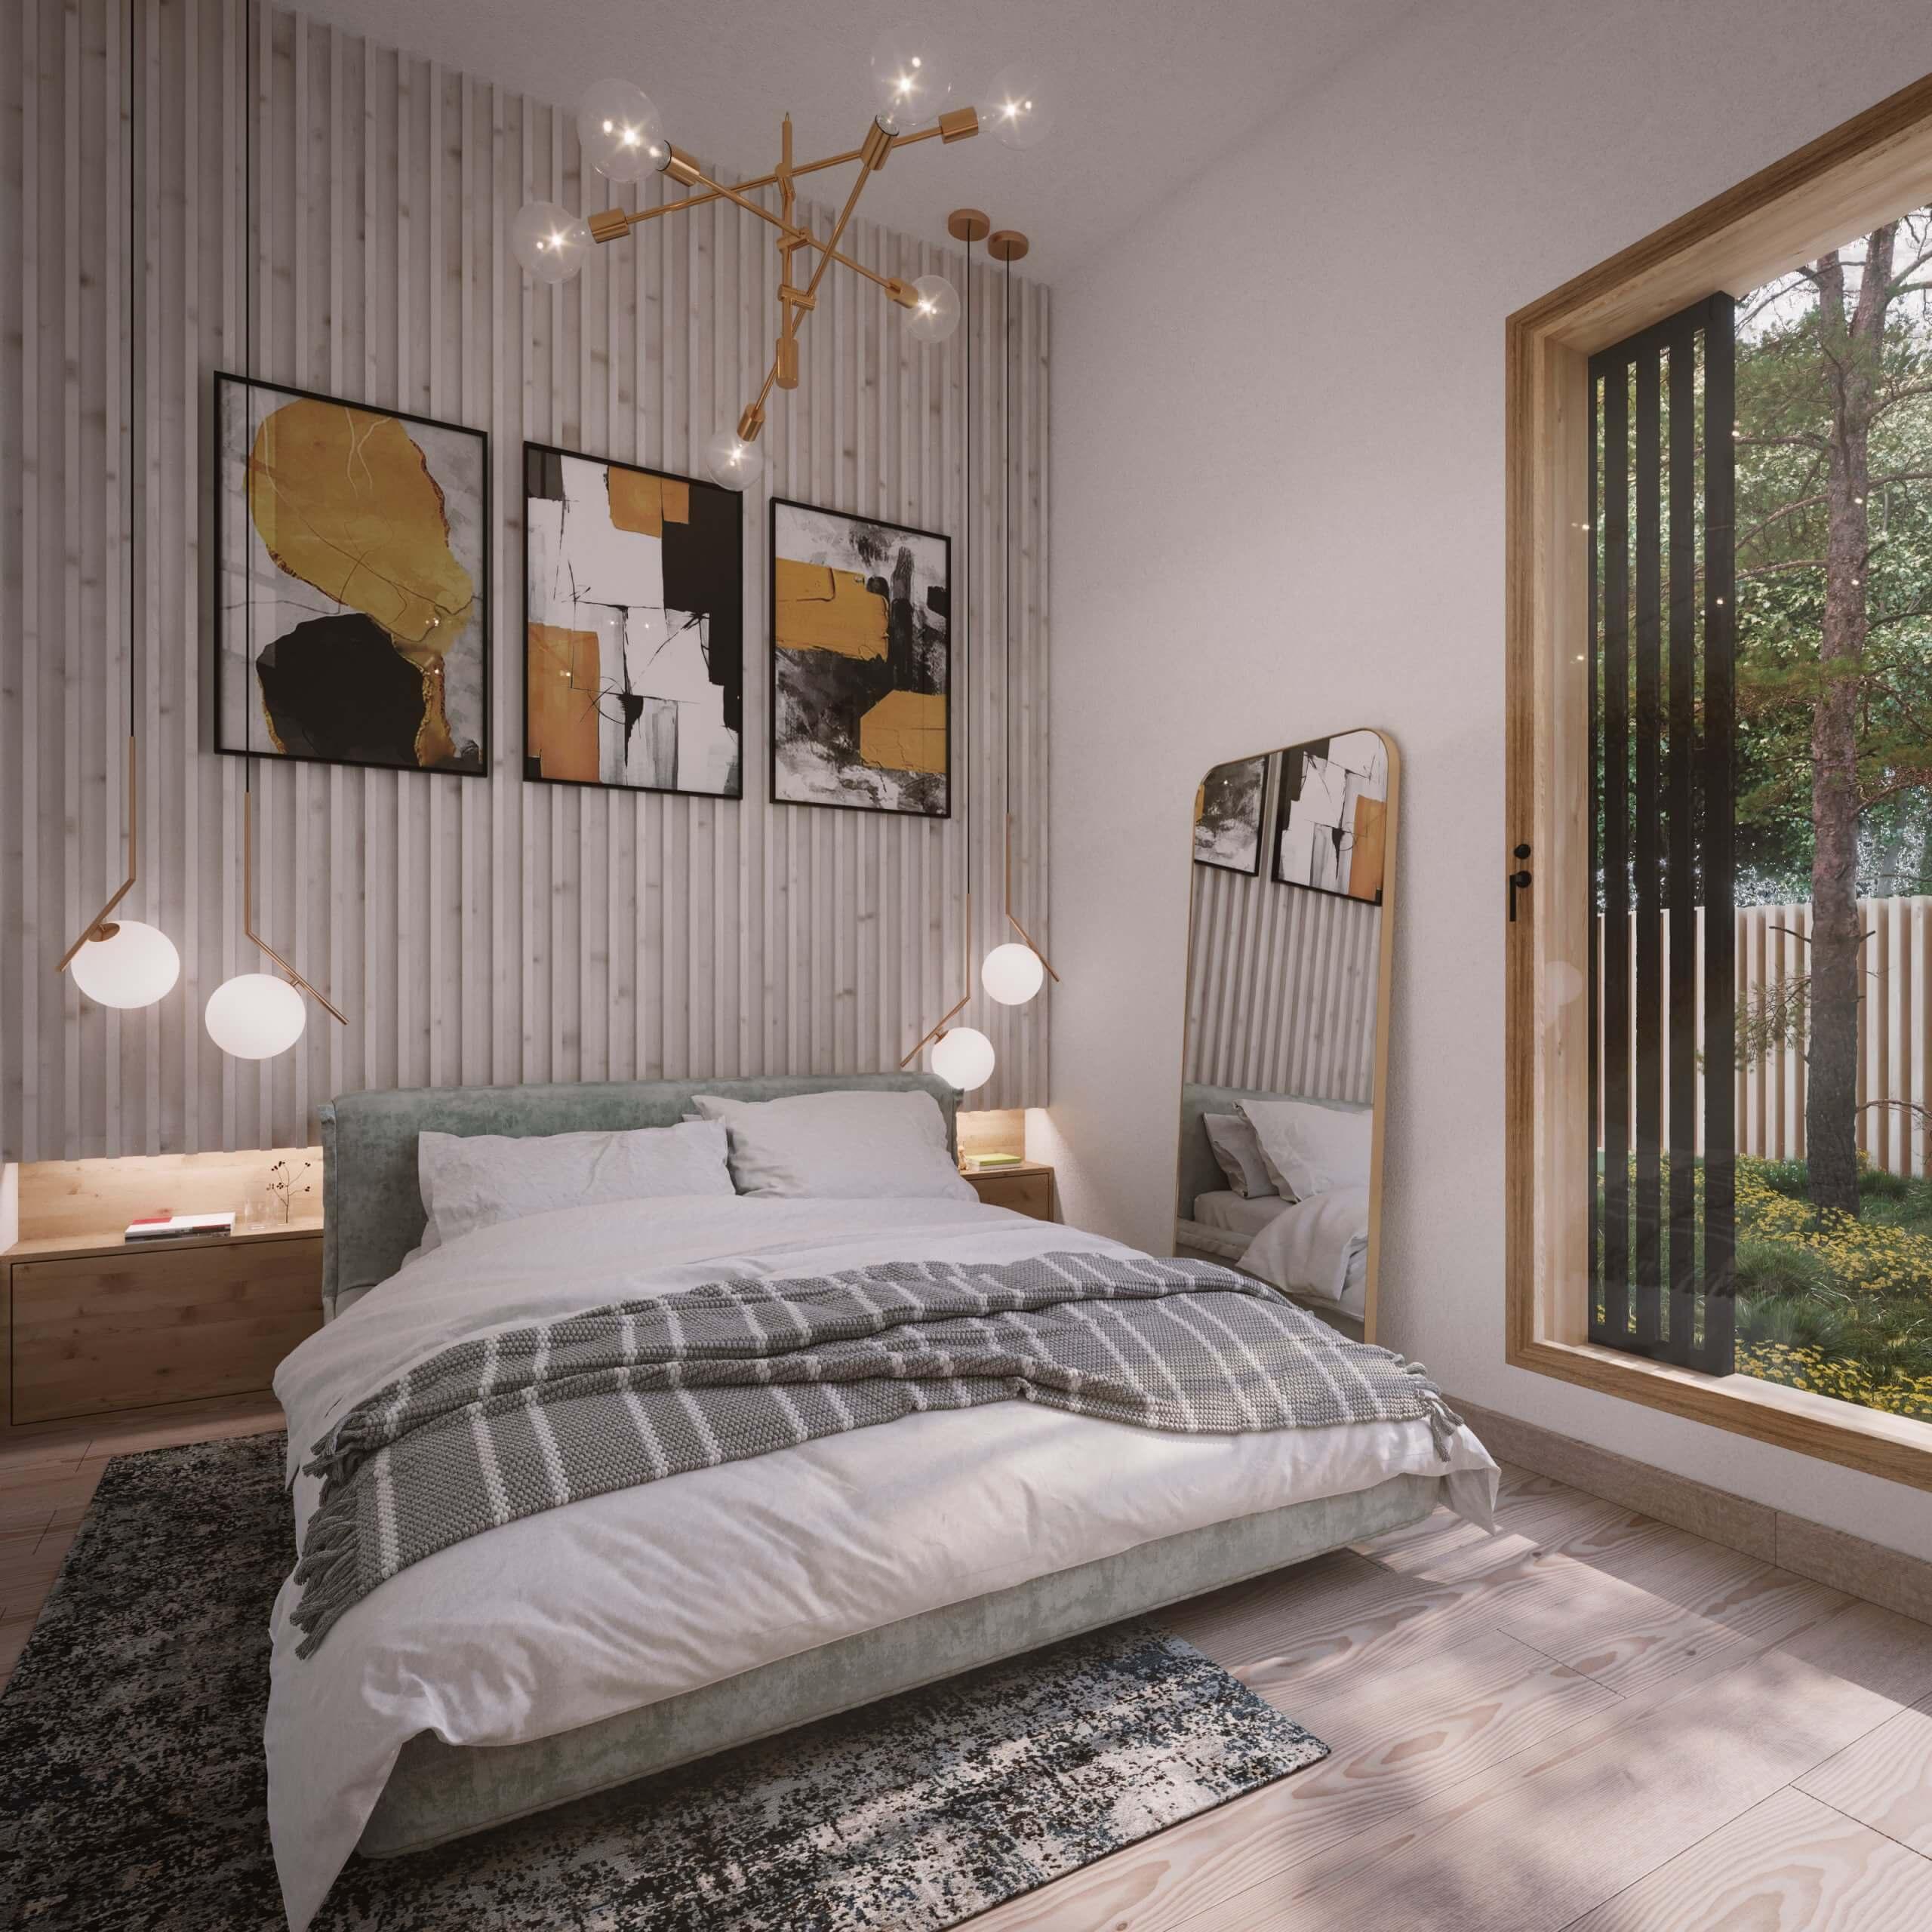 Casa em Madeira – Eco-design